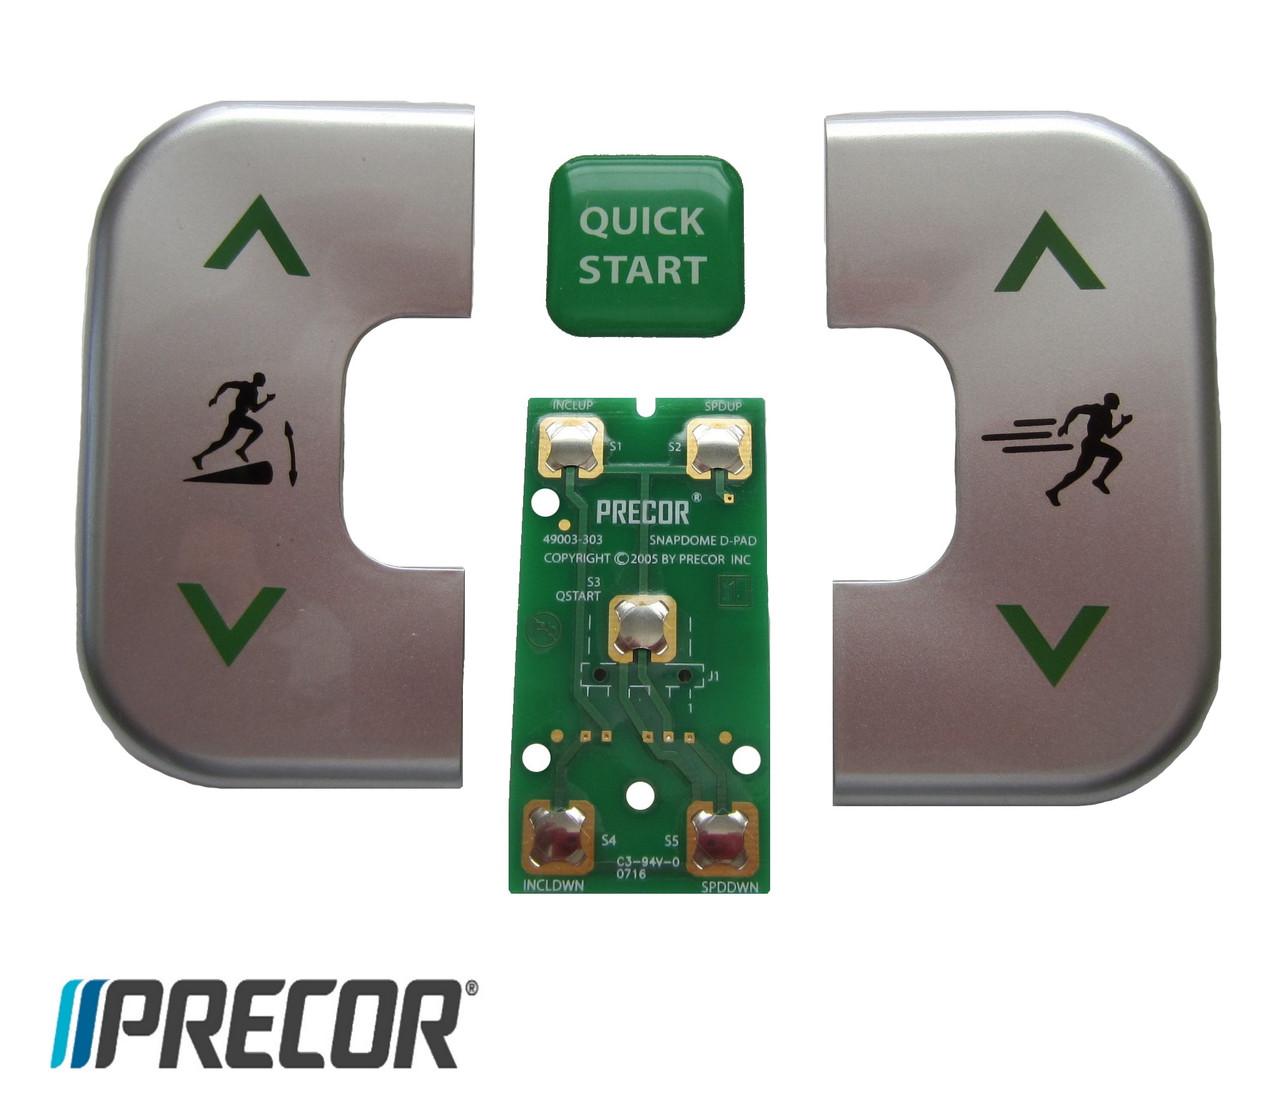 Комплект кнопок управления Precor D-PAD (ремкомплект в сборе)